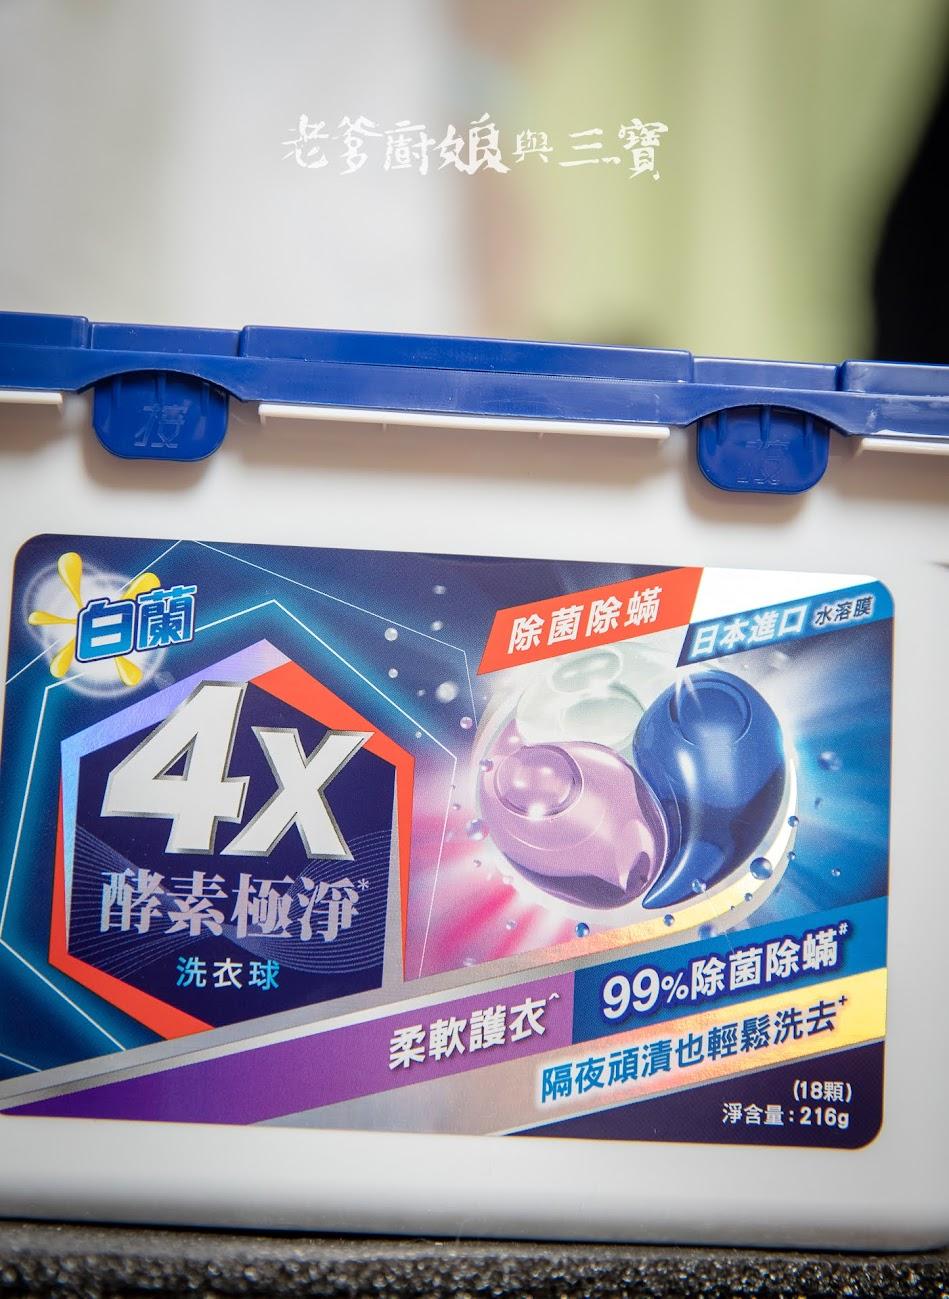 只要透過能夠除菌除螨的白蘭4X酵素極淨洗衣球,洗衣變得好簡單!連小娃都能!